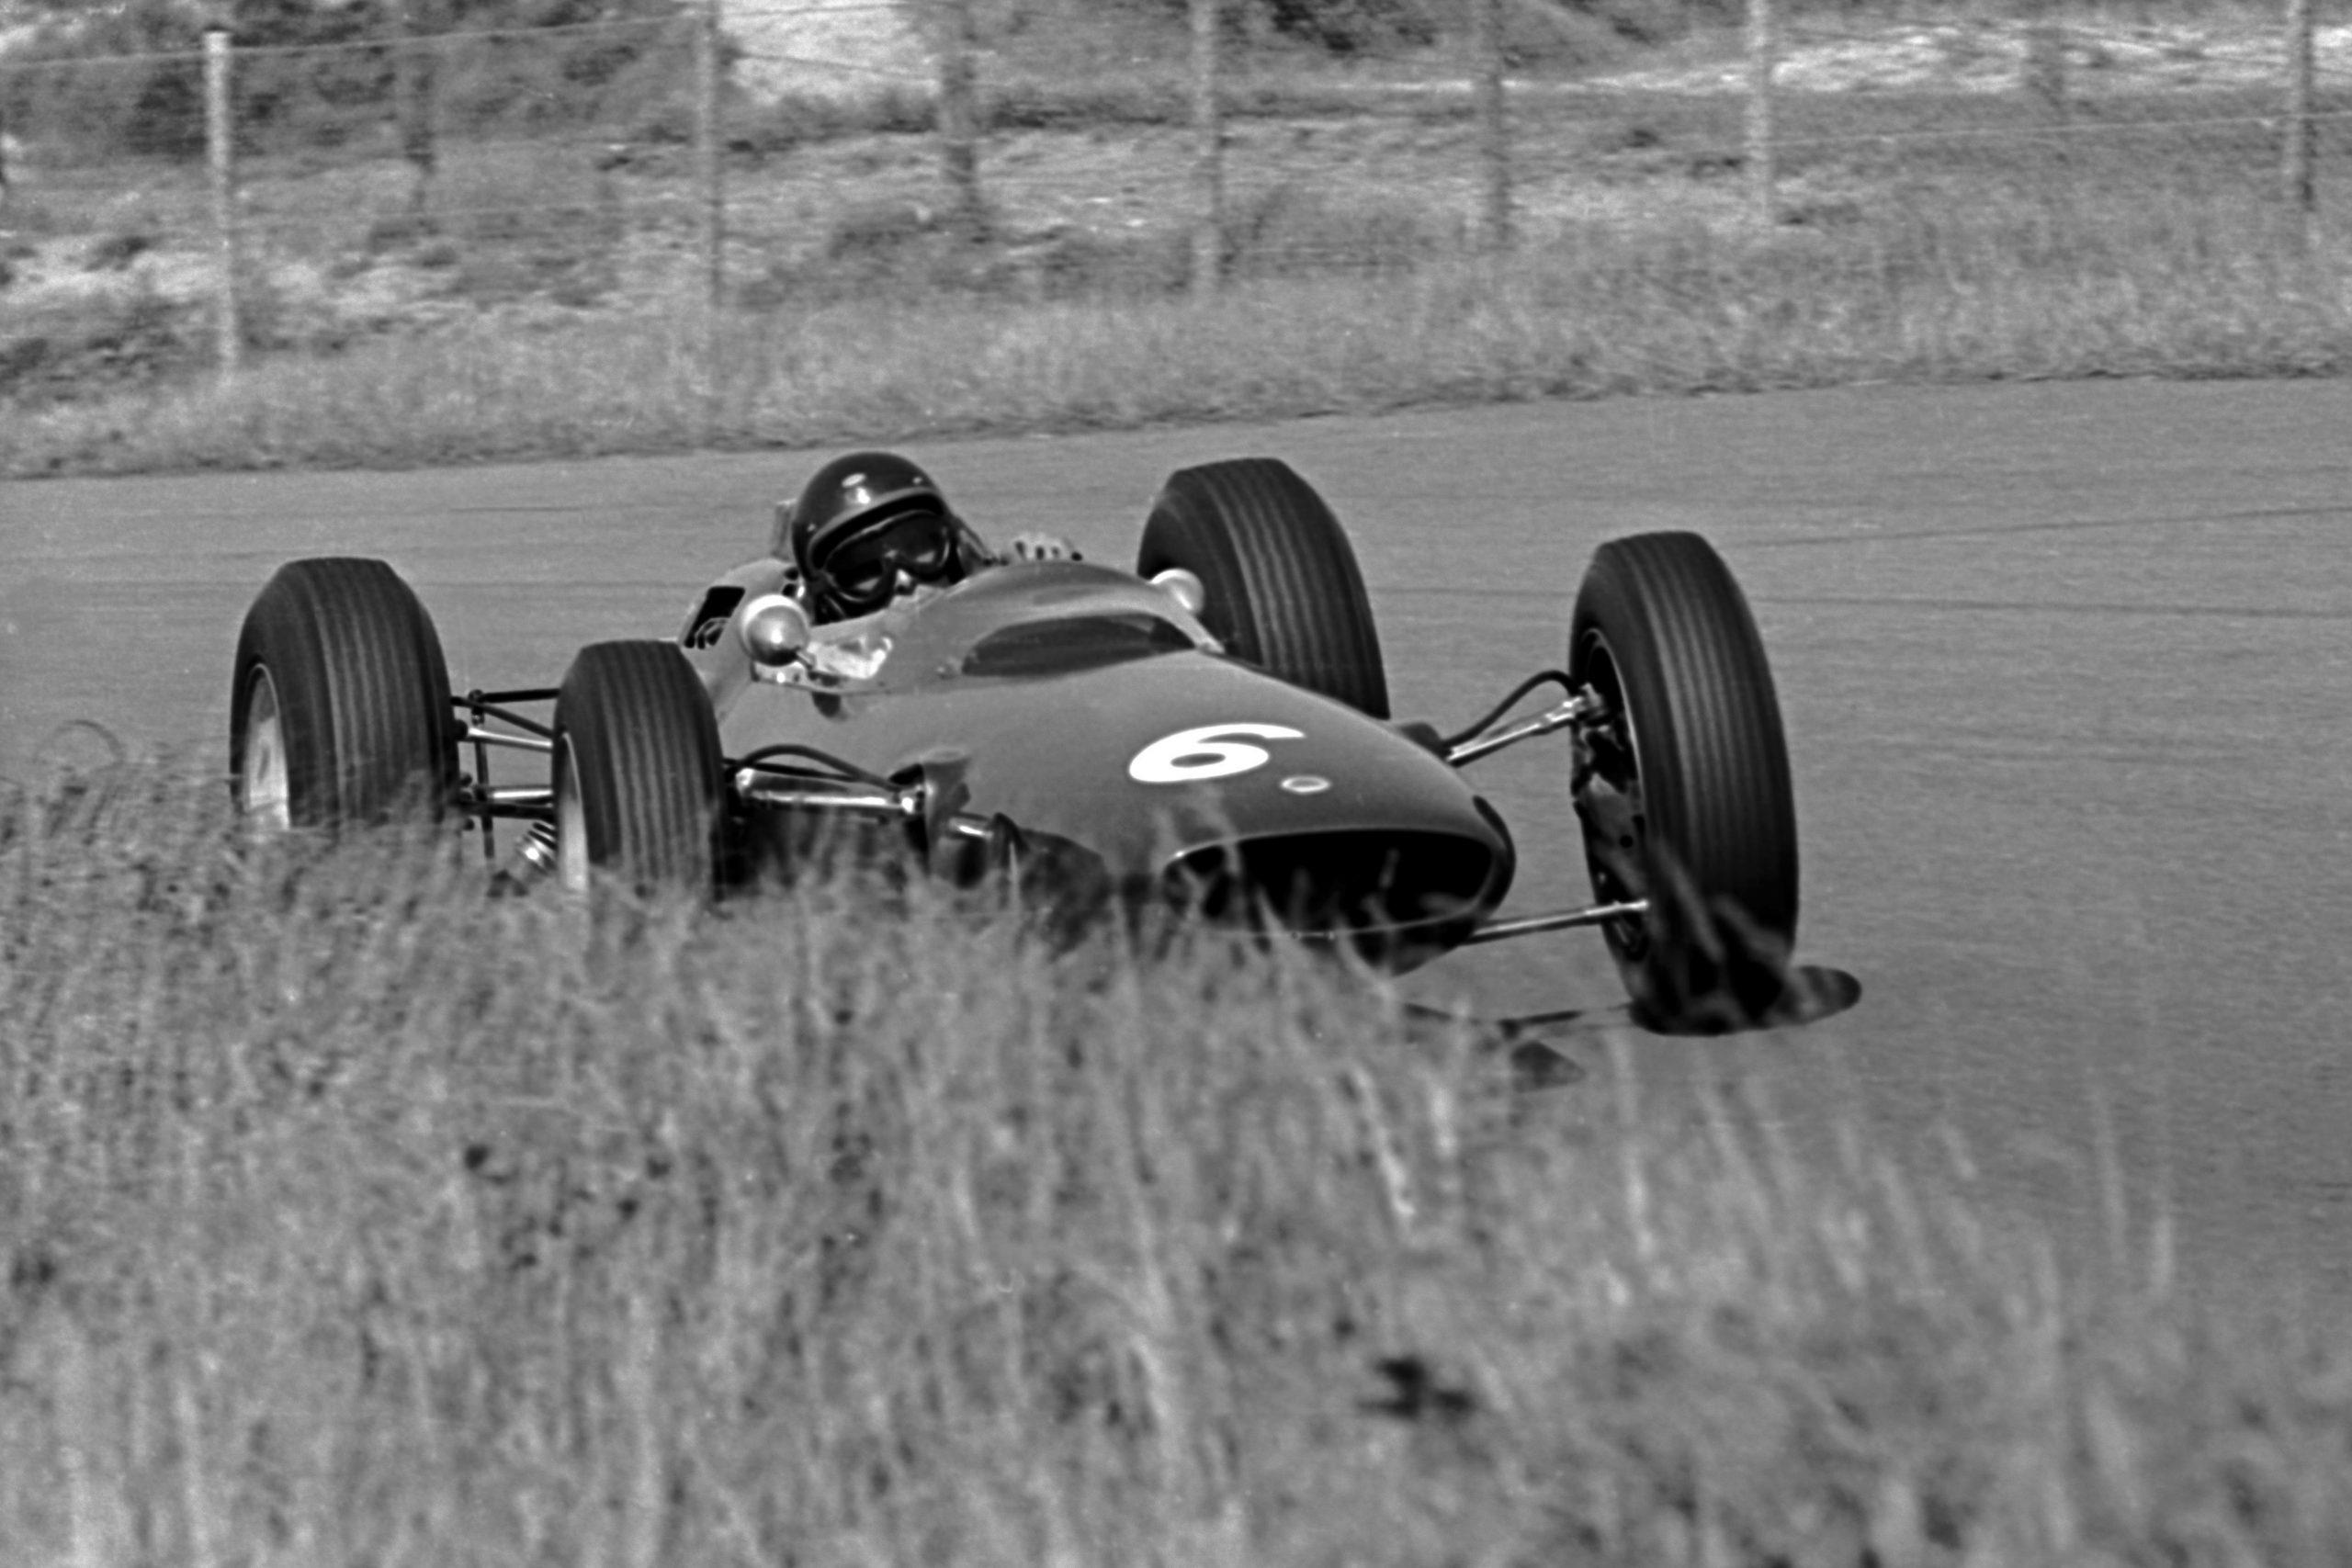 Jim Clark pushing his Lotus 25.